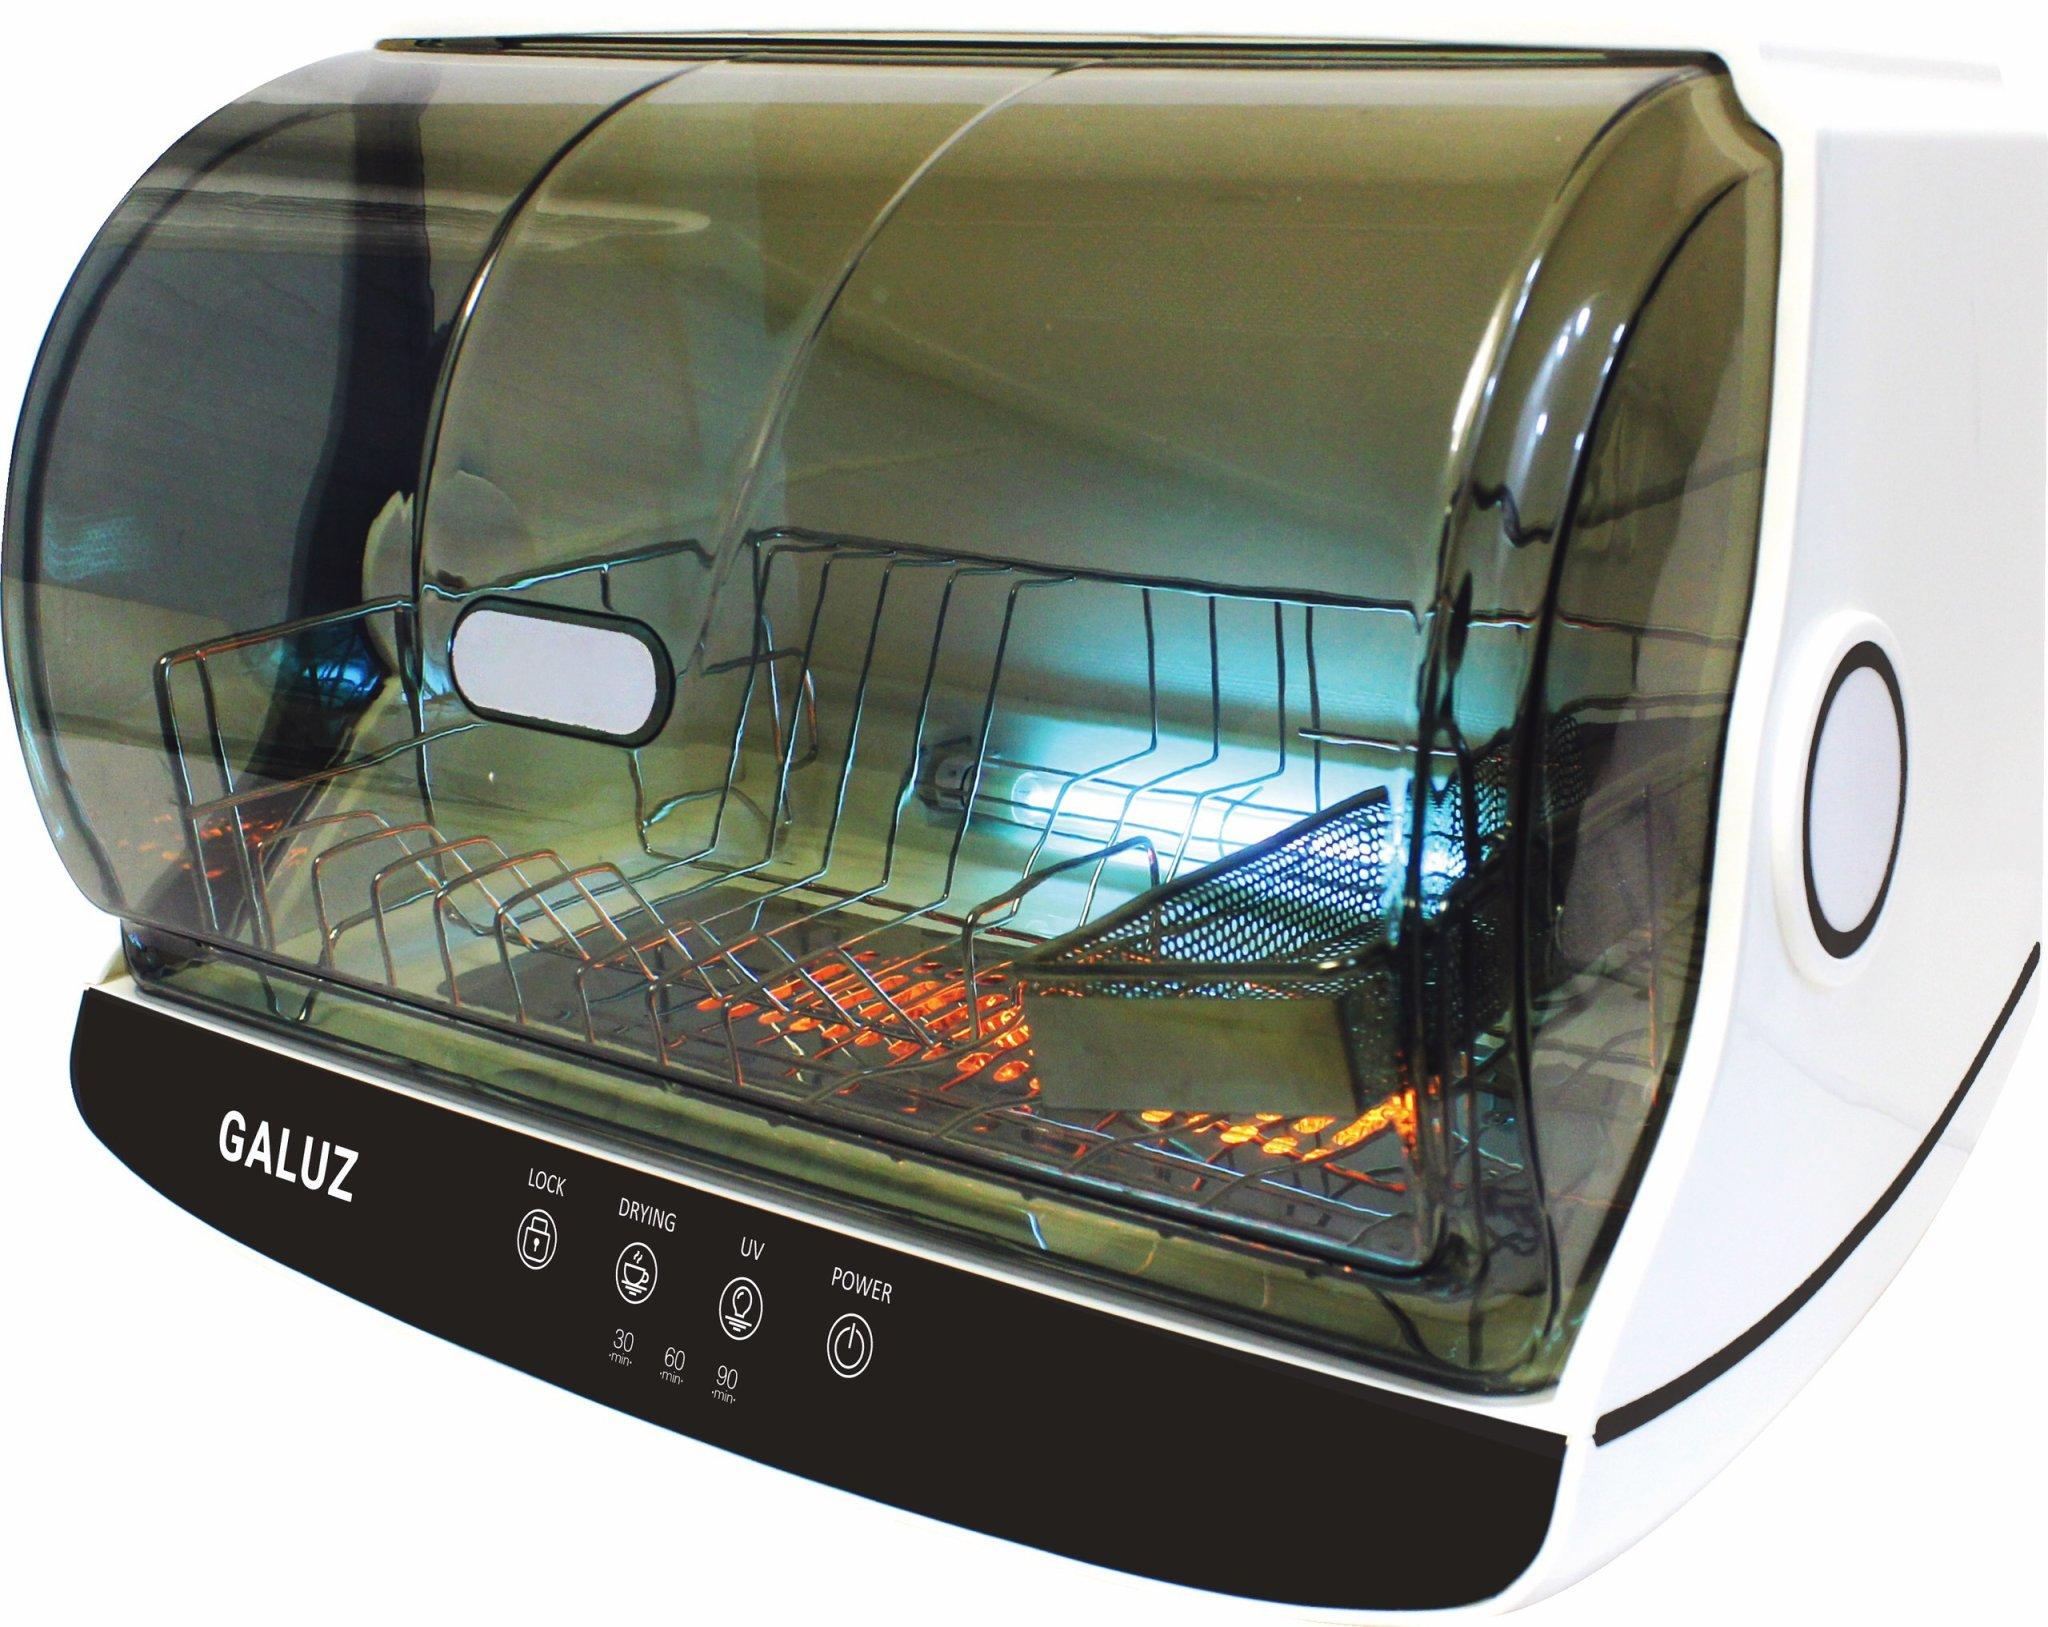 Máy sấy và diệt khuẩn UV bát đĩa Galuz model BJG-42 dung tích 30L, hàng chính hãng